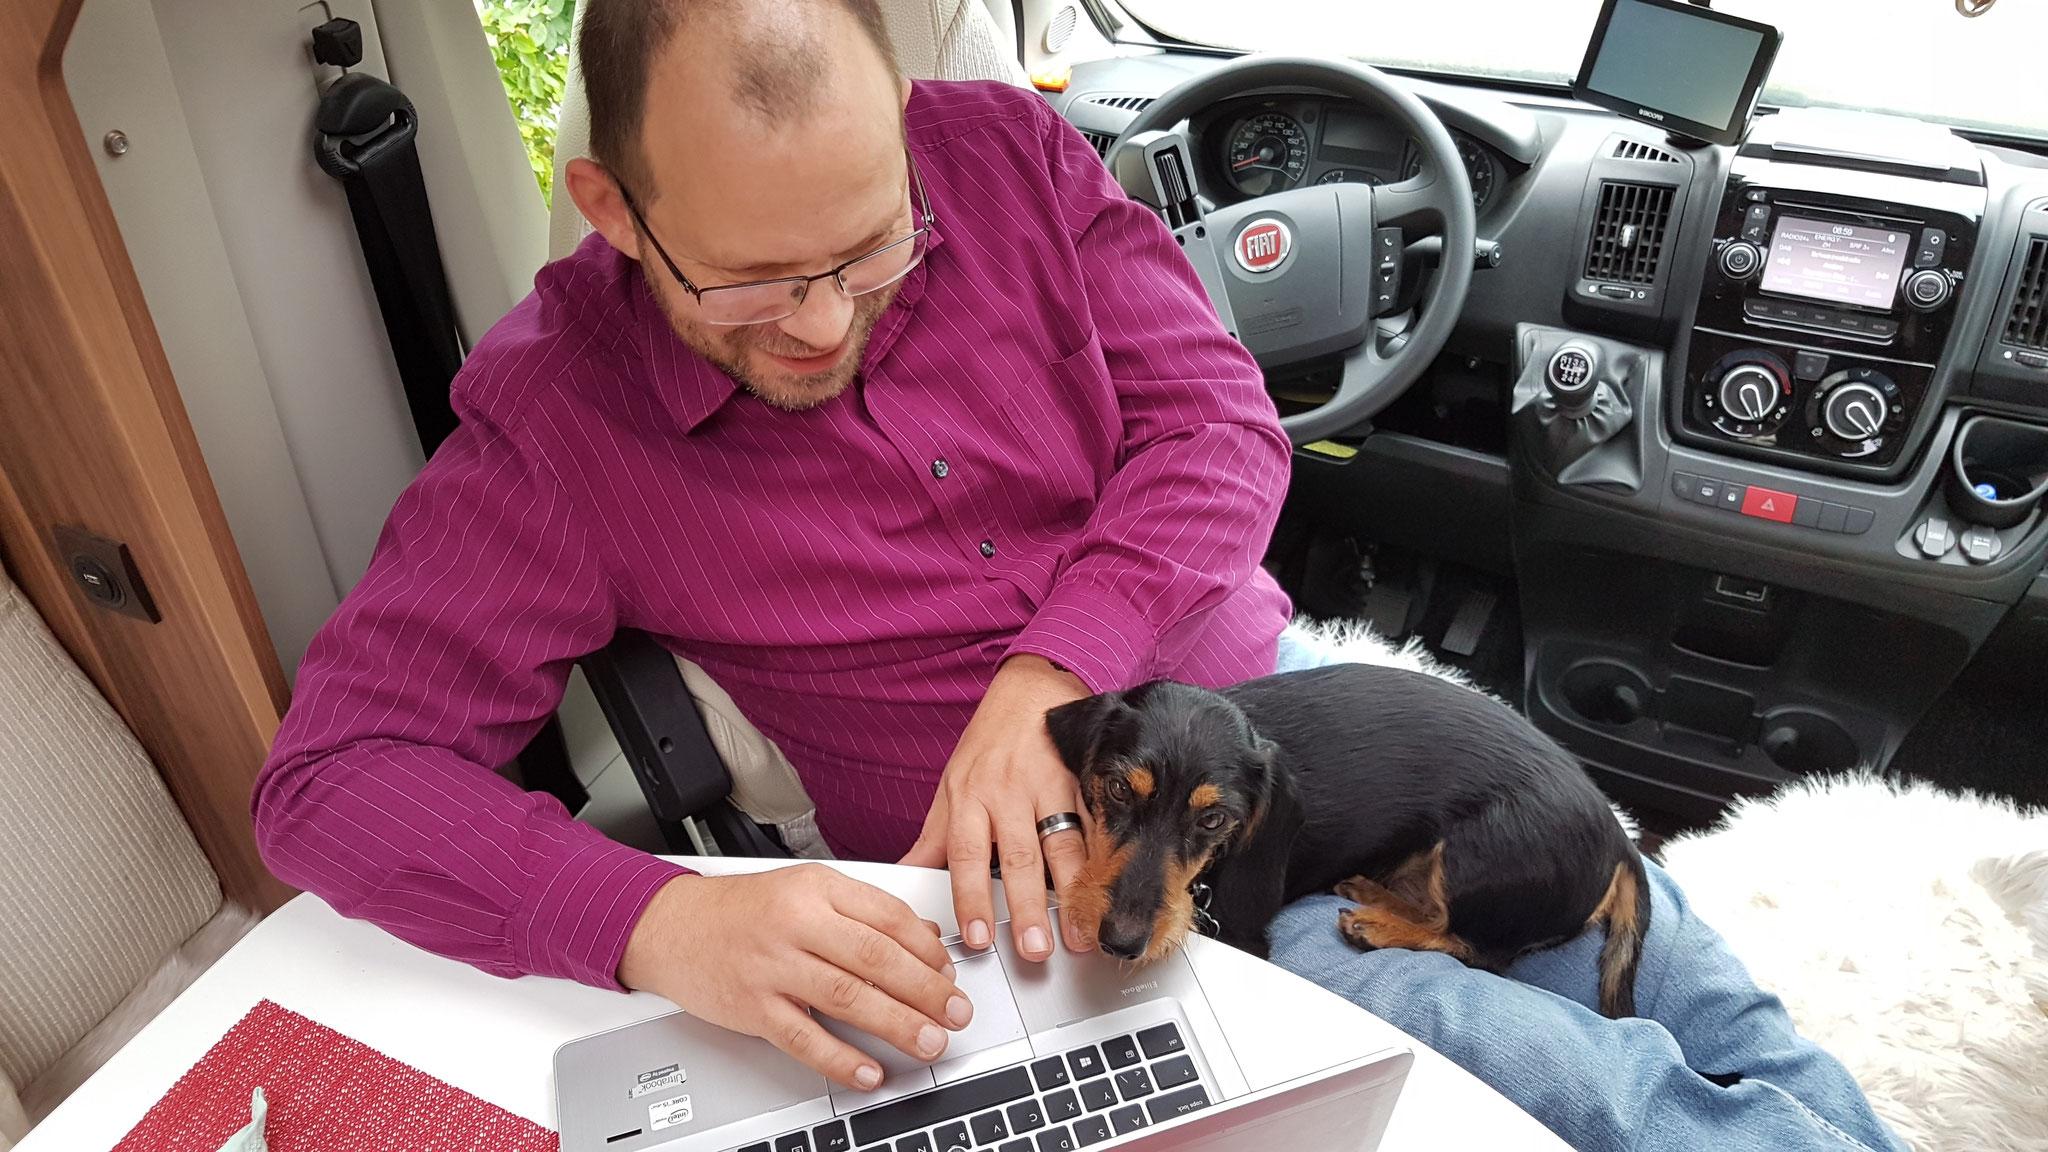 Olly bei der Computerarbeit